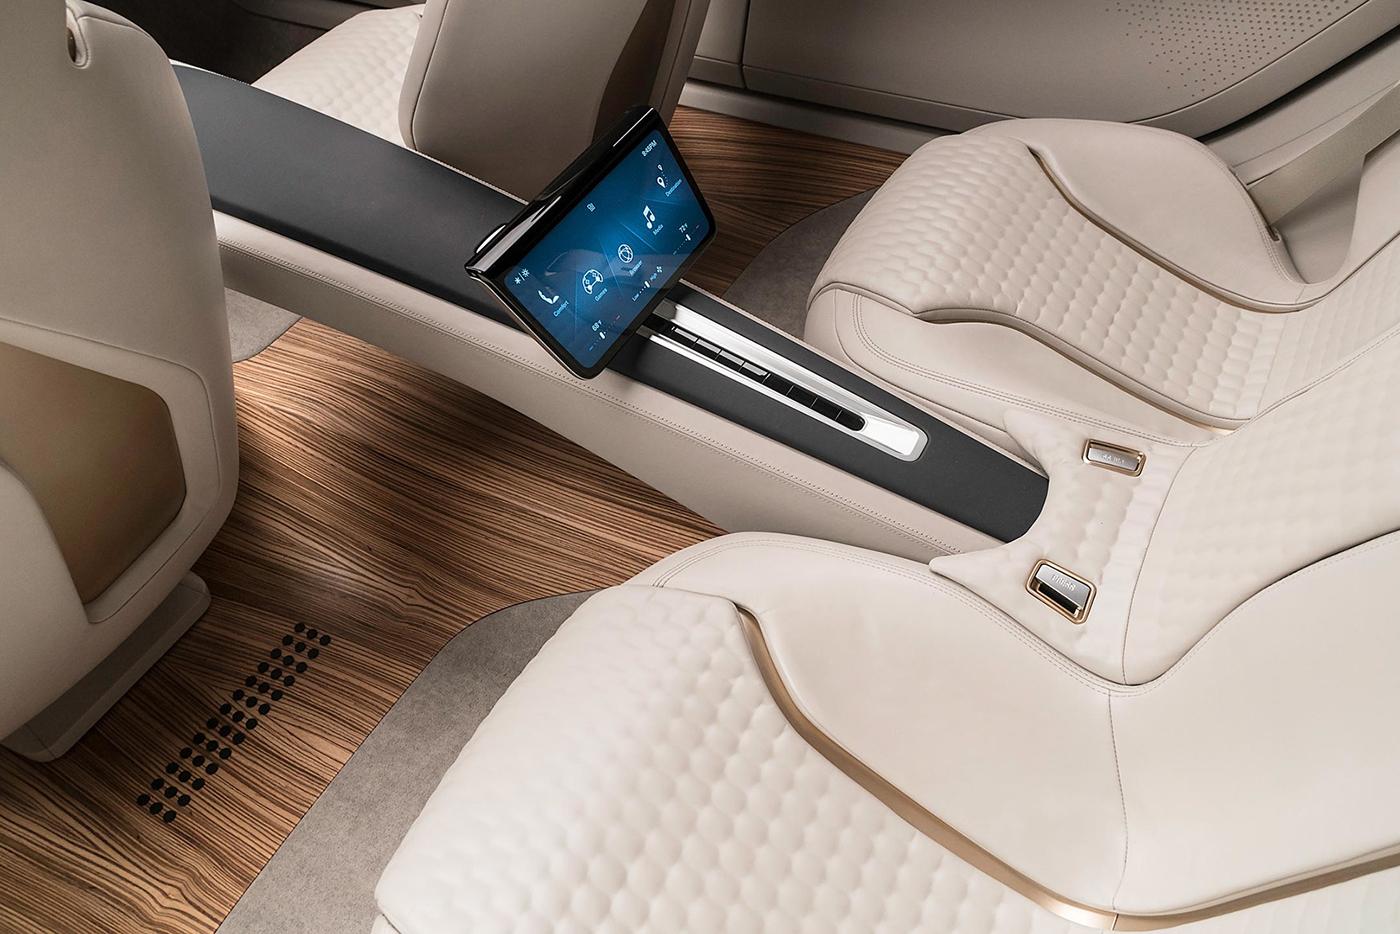 """Chiêm ngưỡng mẫu concept """"tuyệt đẹp"""" Nissan Vmotion 2.0 - ảnh 10"""